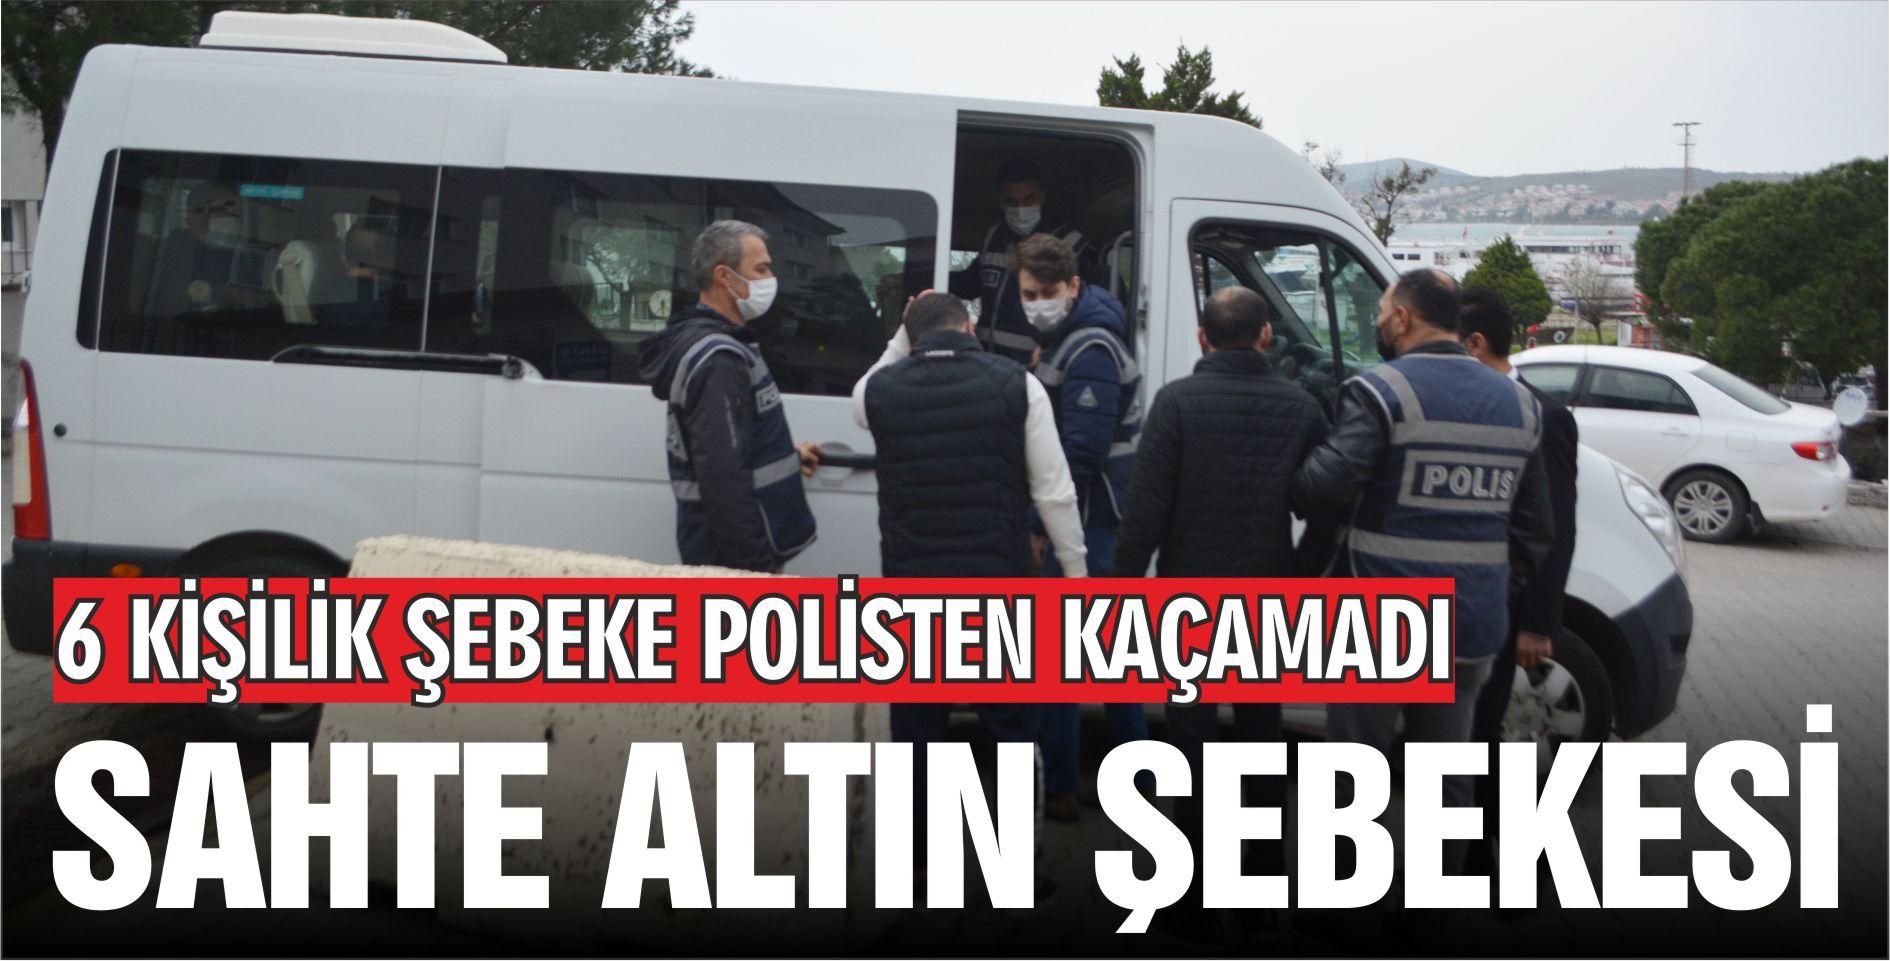 SAHTE ALTIN ŞEBEKESİ POLİSTEN KAÇAMADI